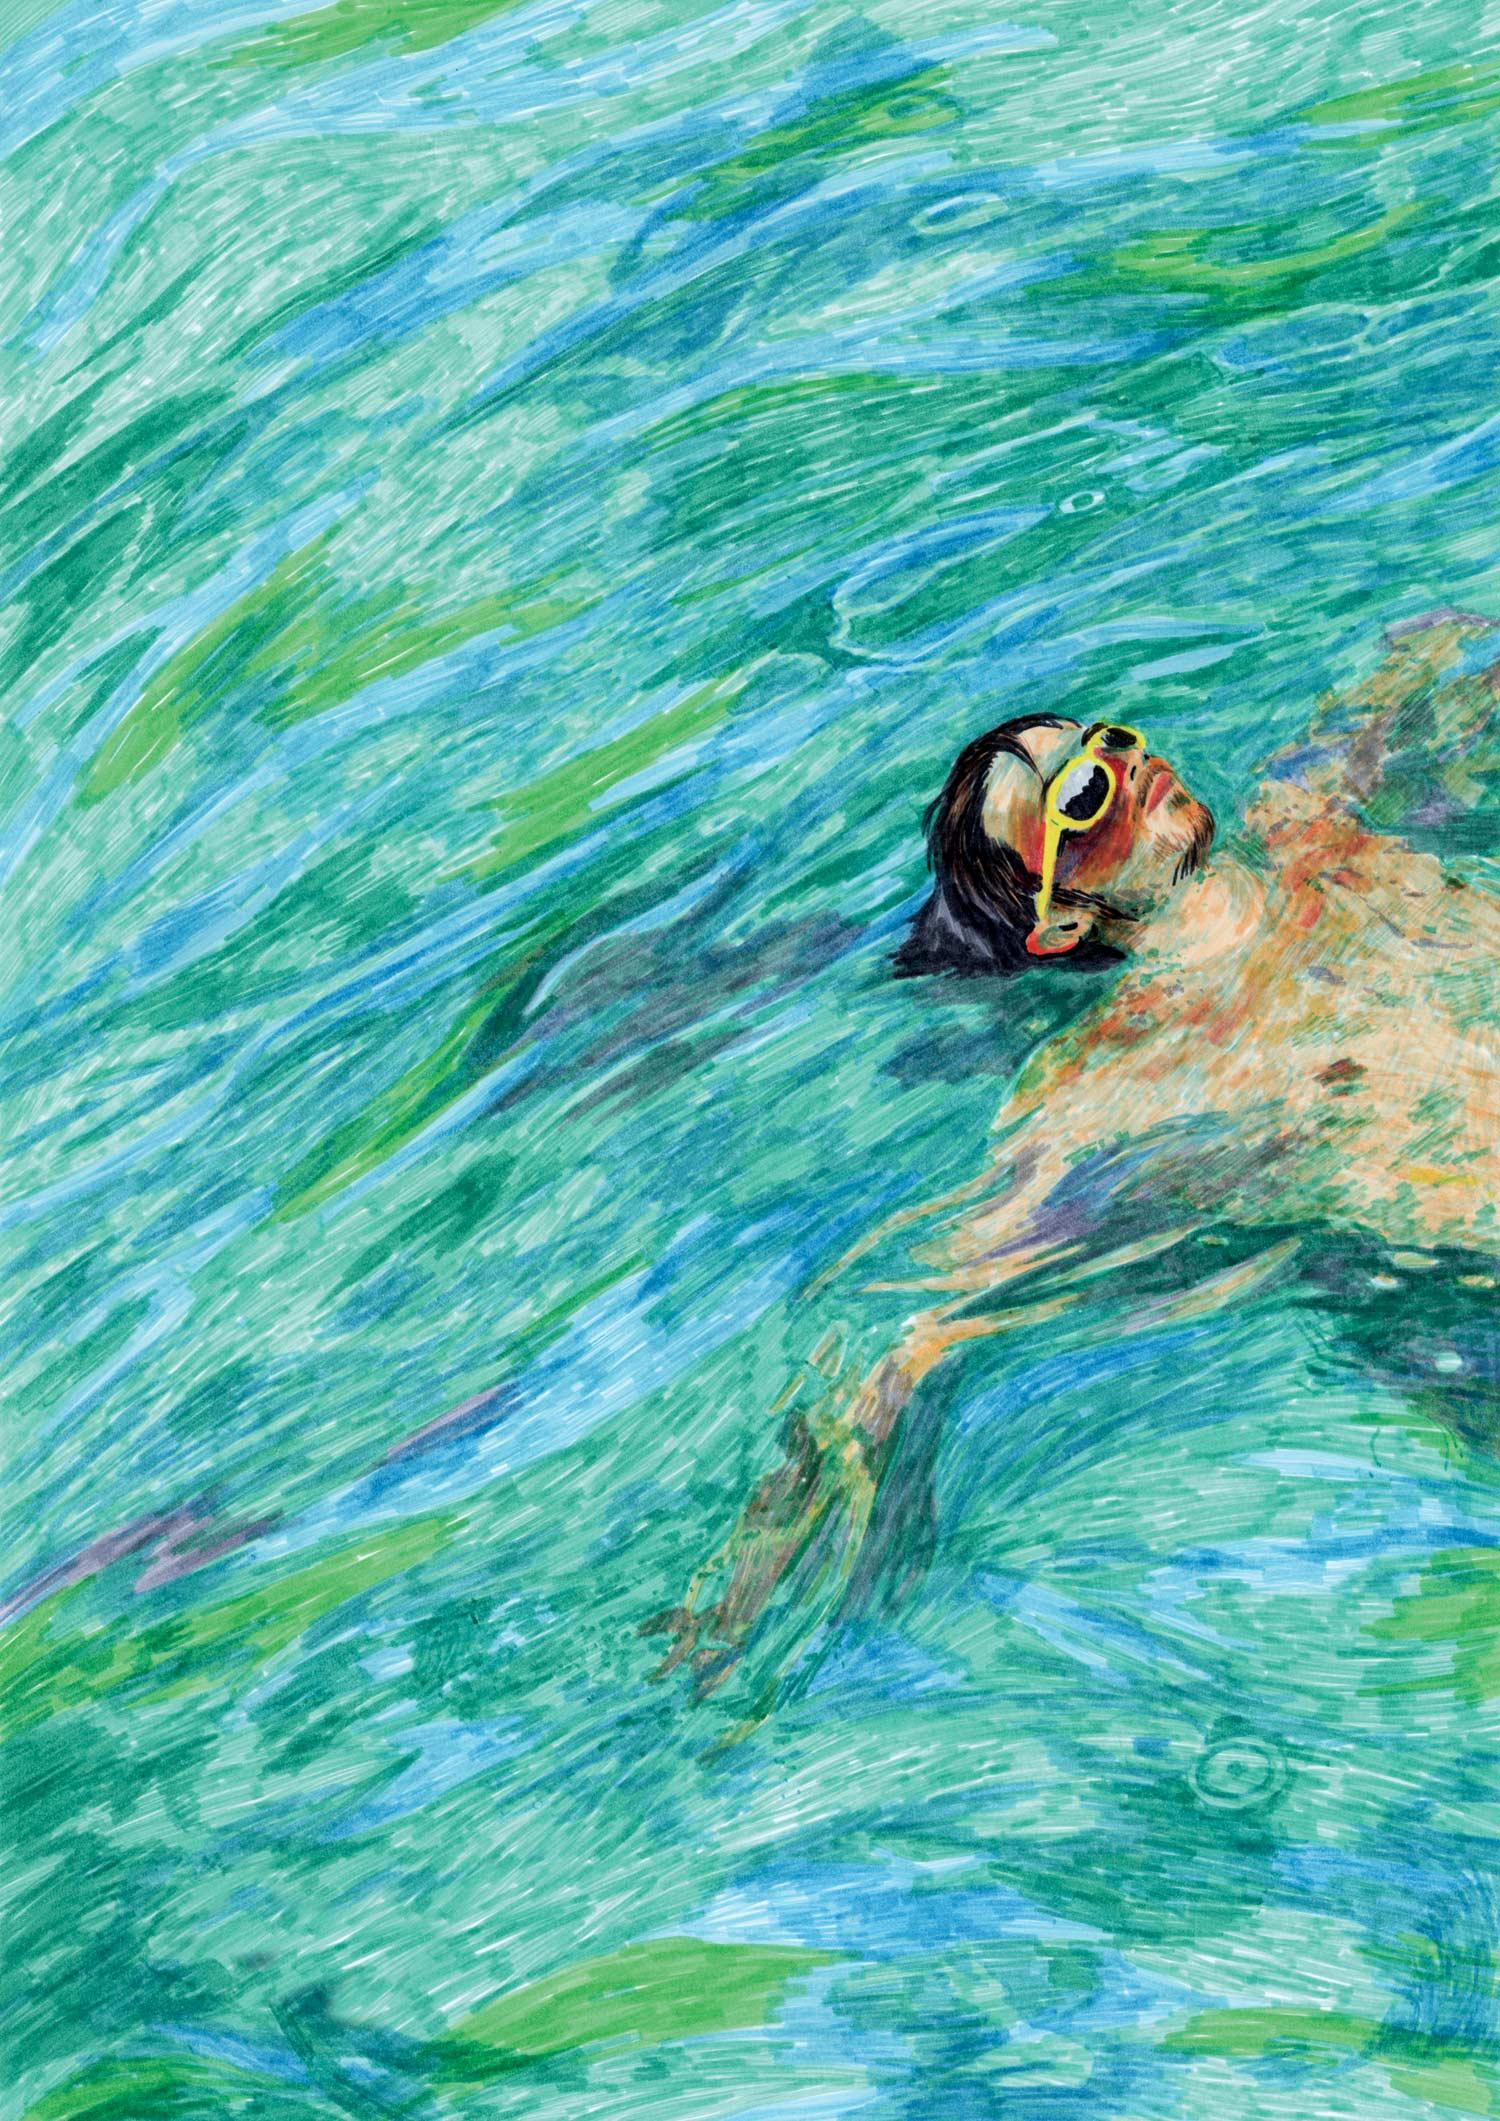 eau_mer_vagues_planche_illustration_feutre_molesti